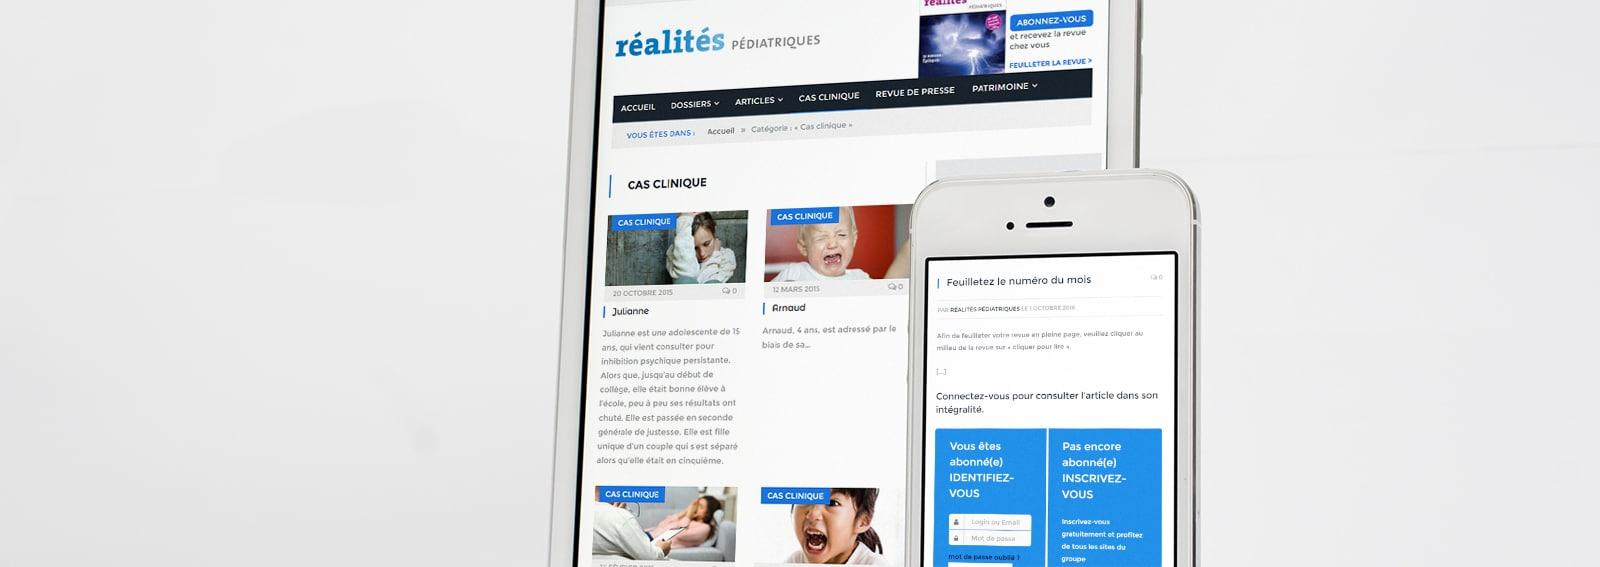 realites-pedia3